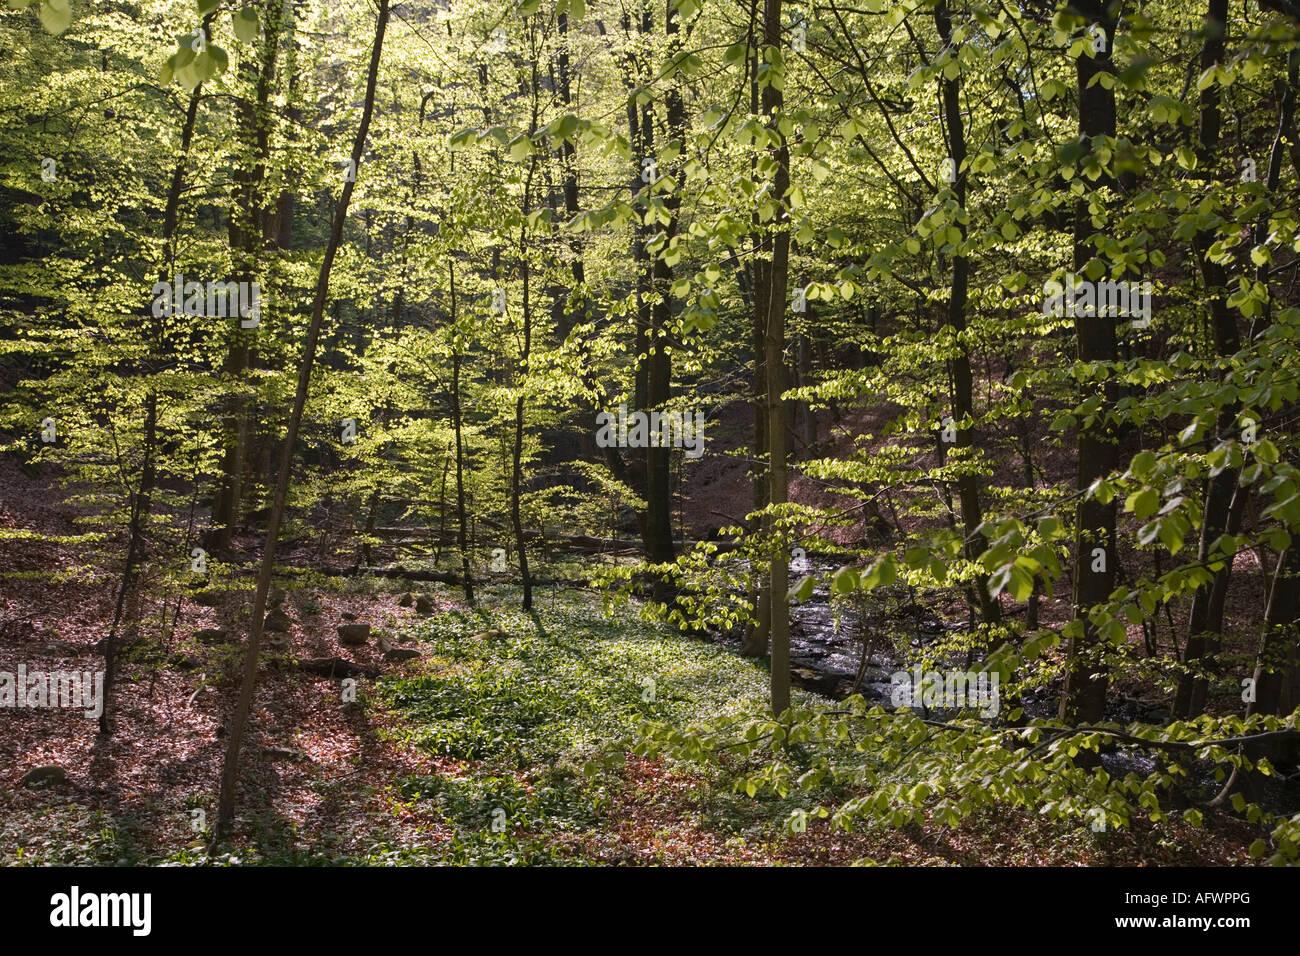 Scania Suède forêt de hêtres au printemps Mai 2006 Banque D'Images